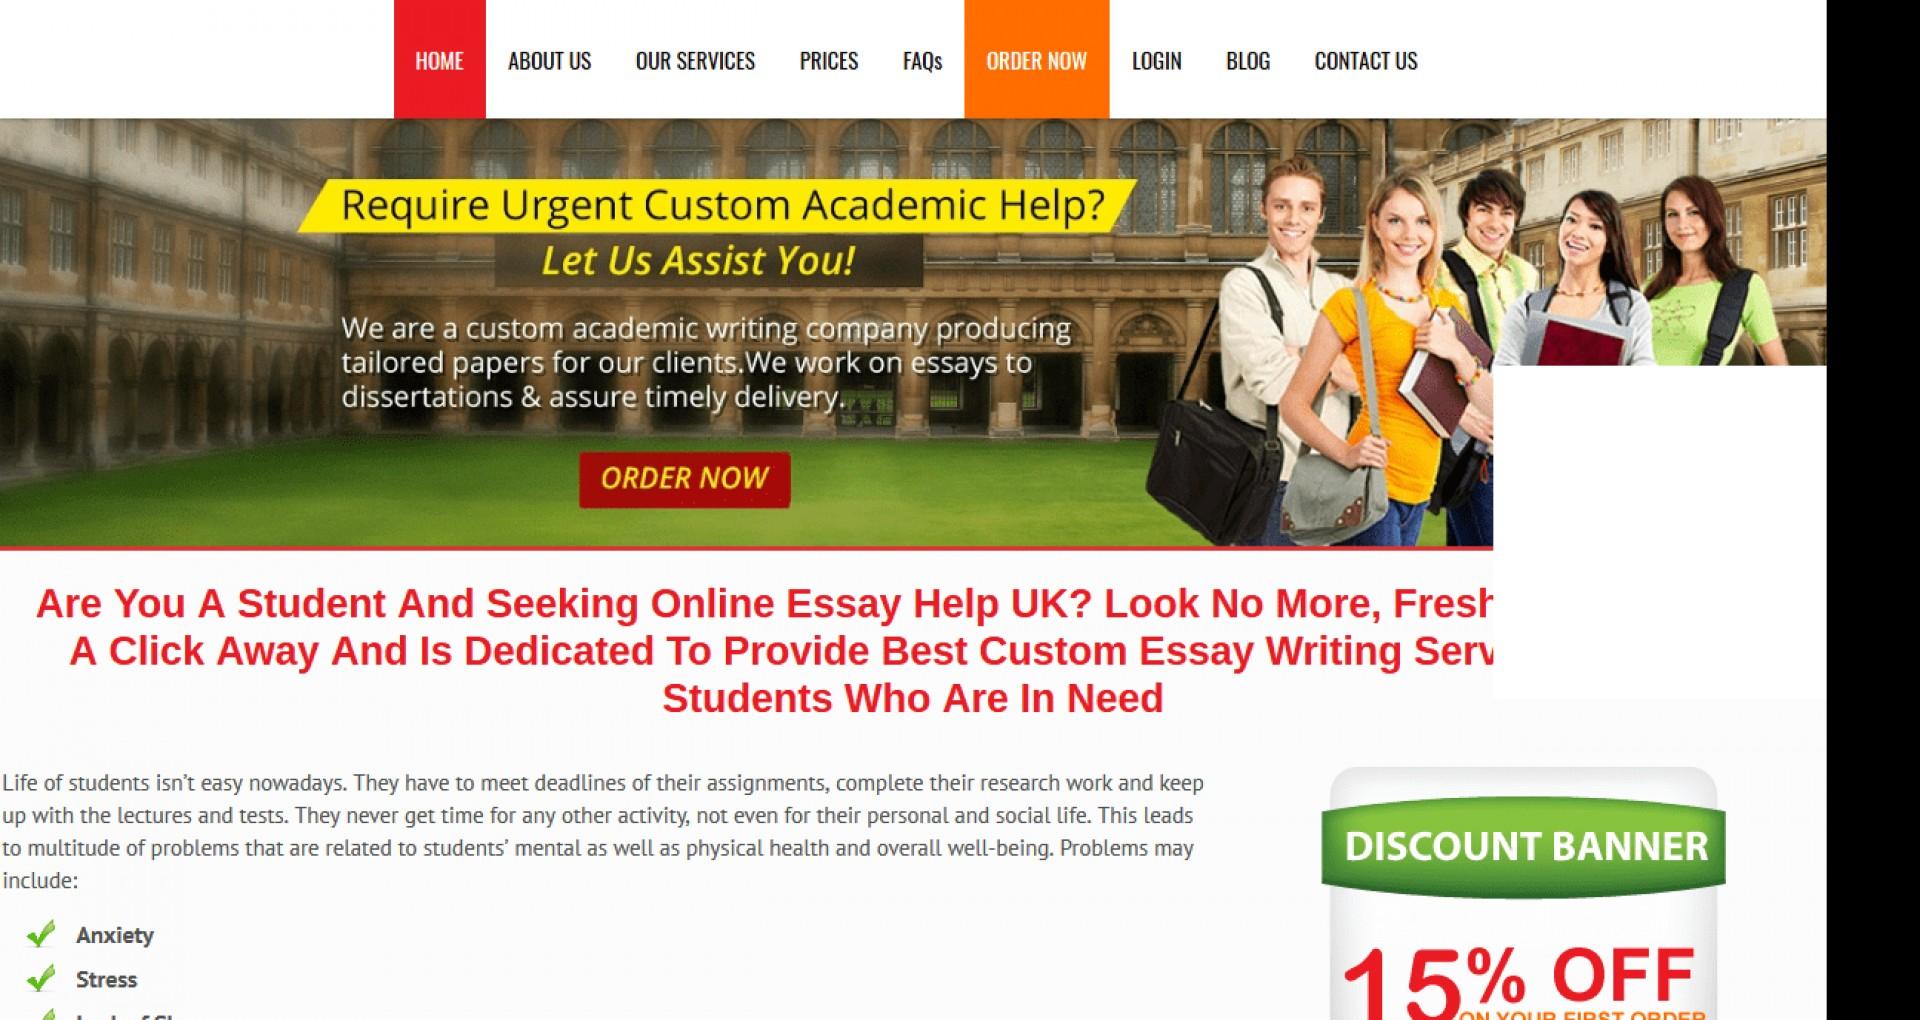 014 Essay Example Freshessays Co Uk Review Fresh Wondrous Essays Contact 1920